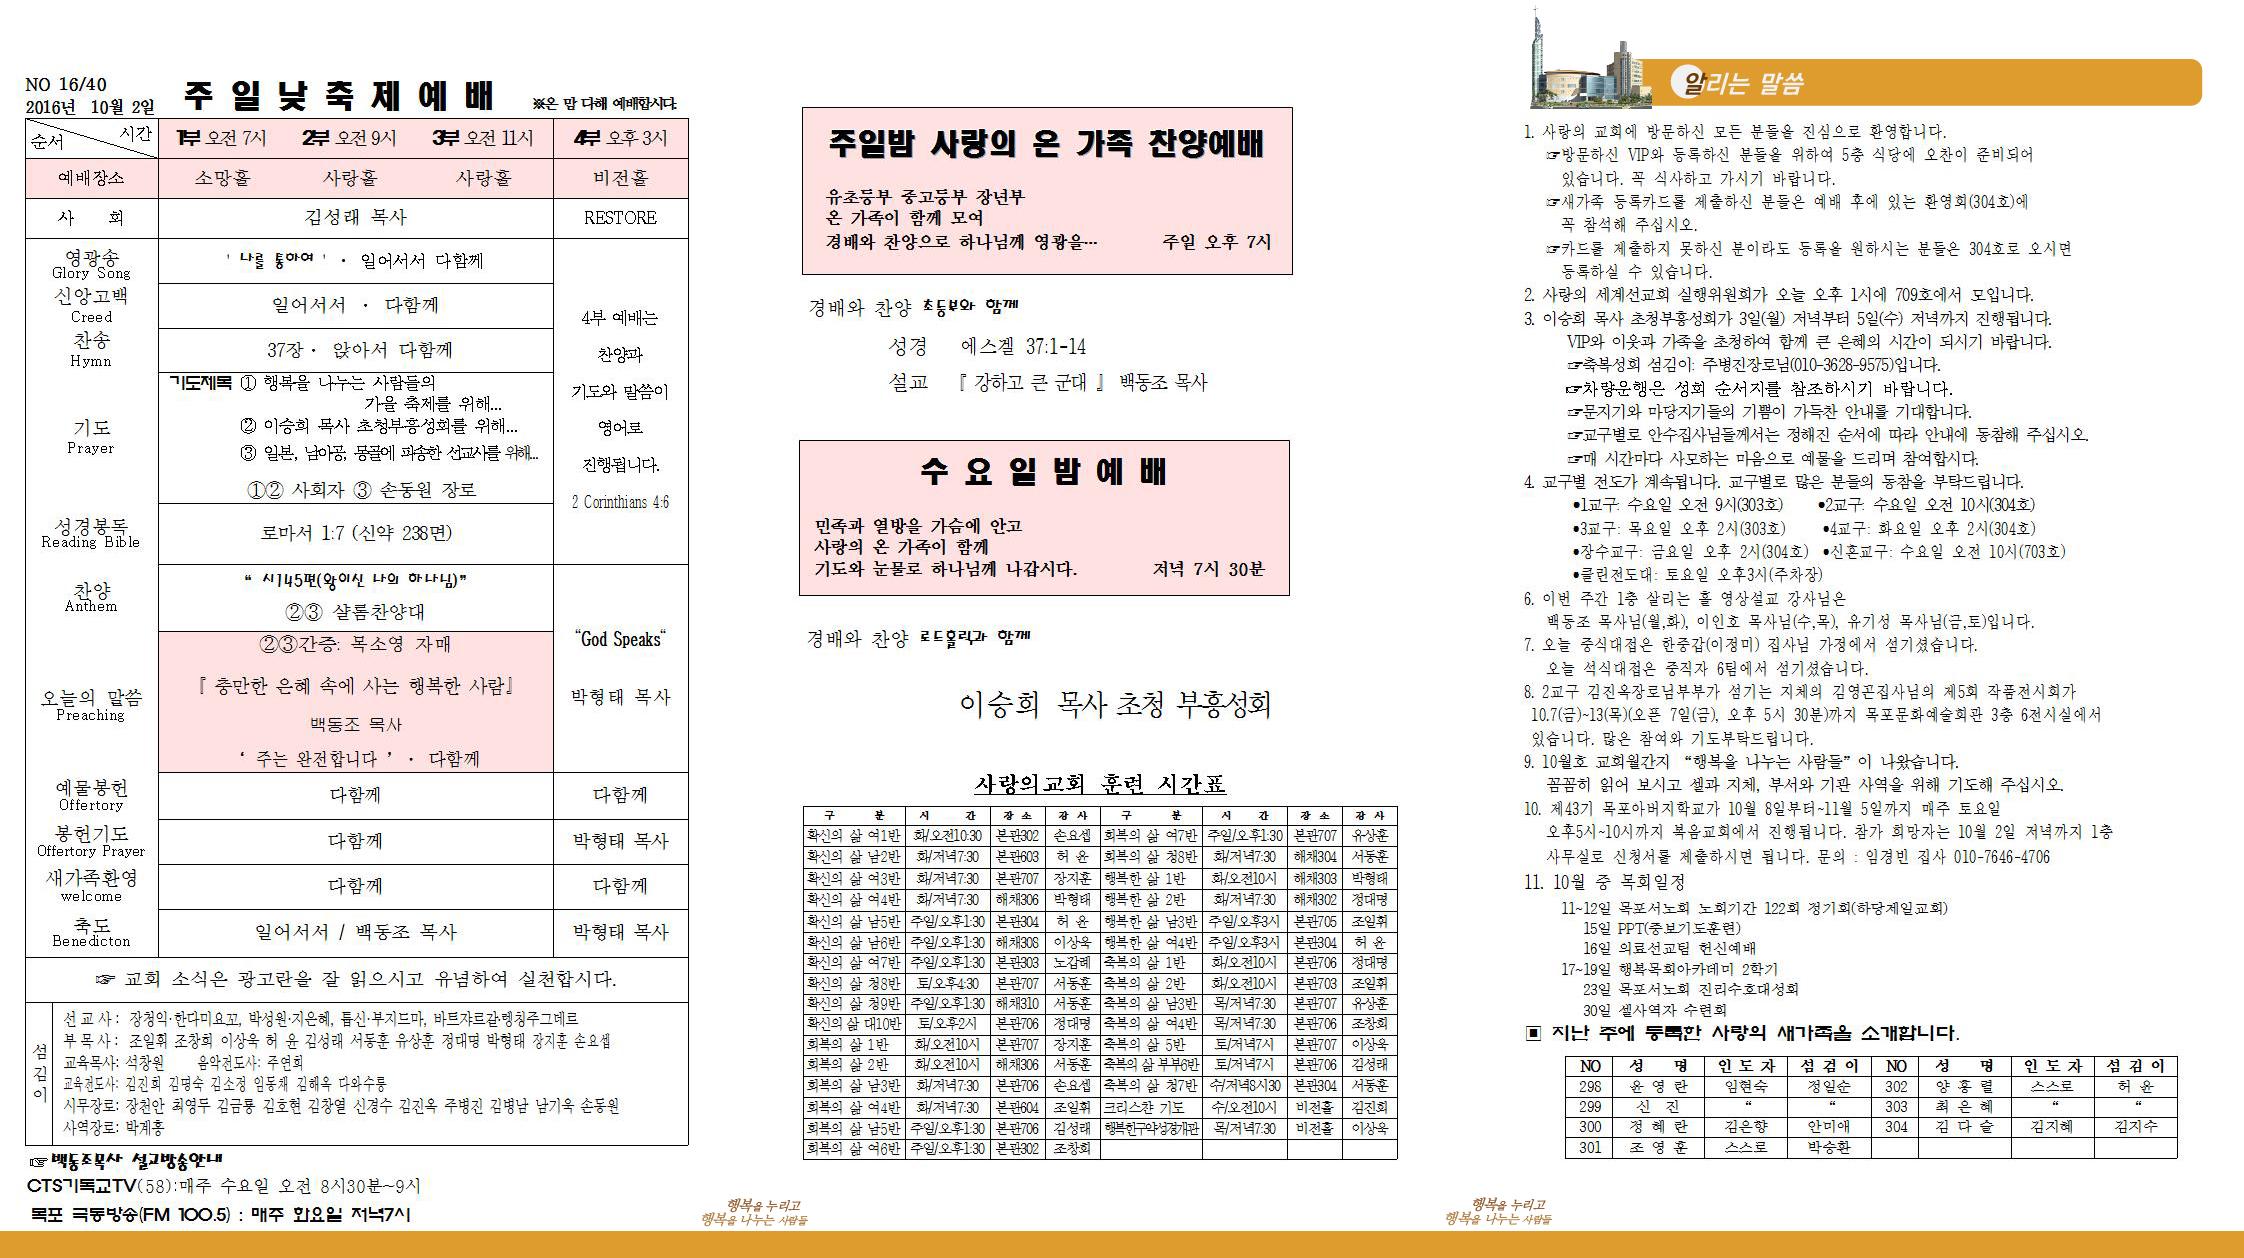 16-10-02_주보-01.jpg